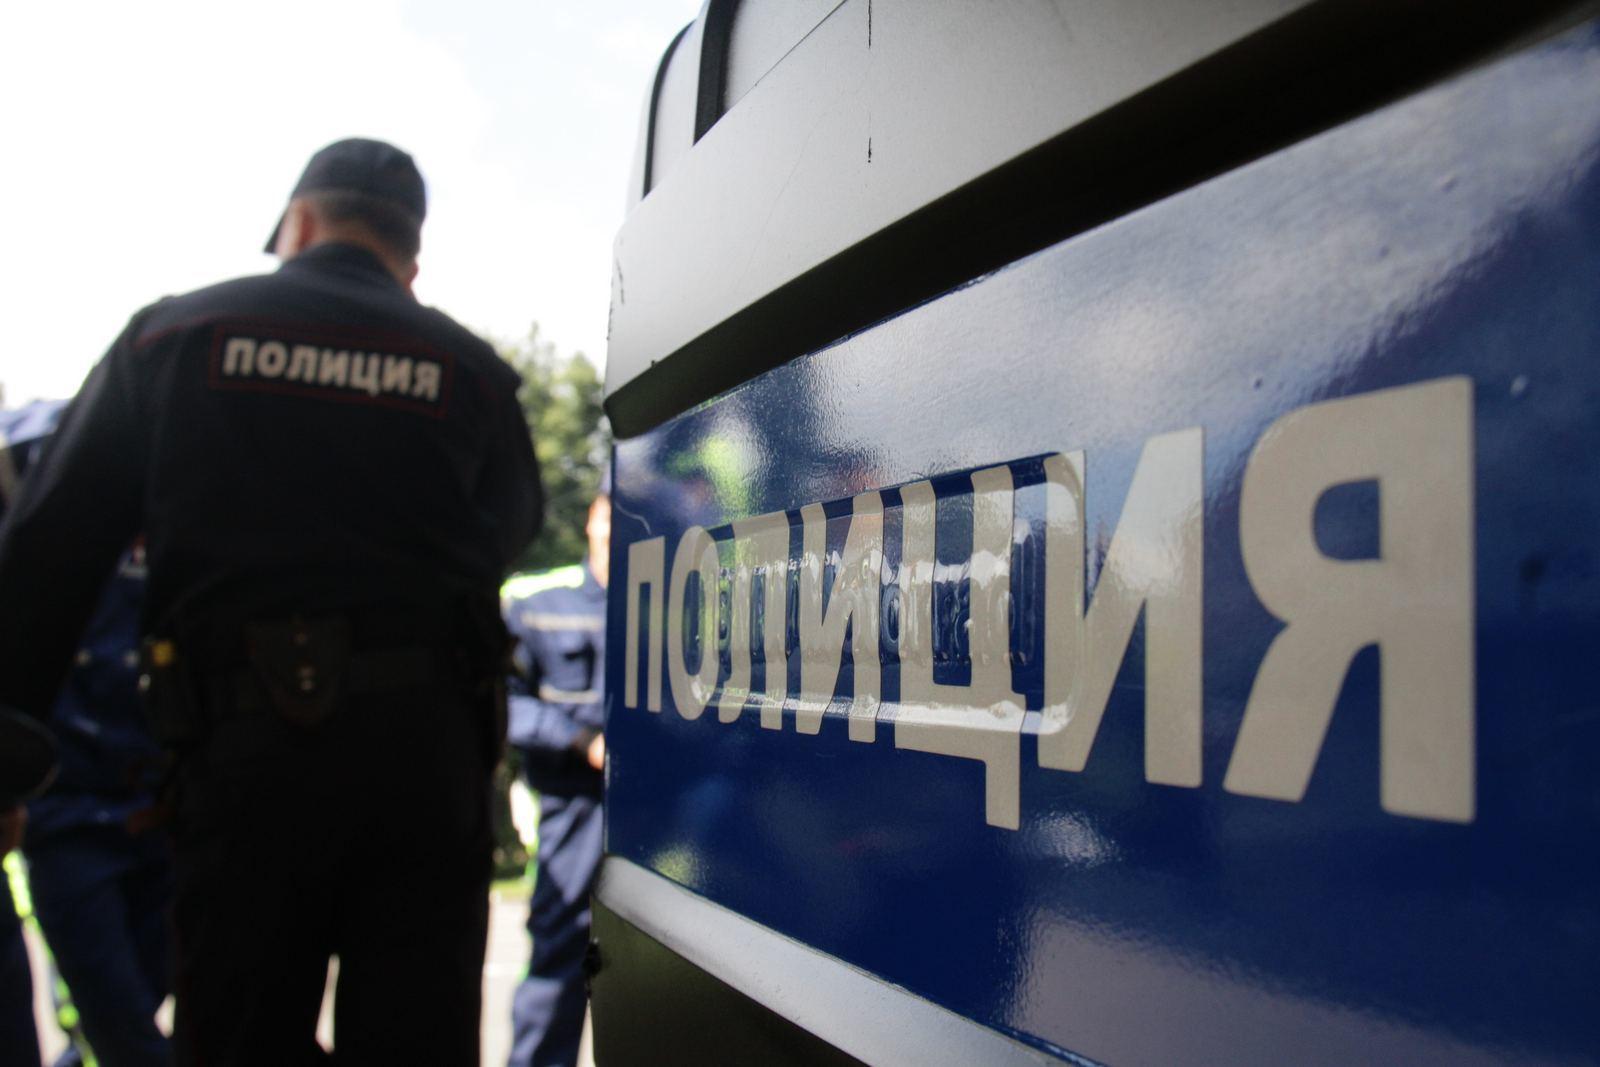 Грузовик насмерть сбил пенсионерку на юго-западе Москвы, работает полиция